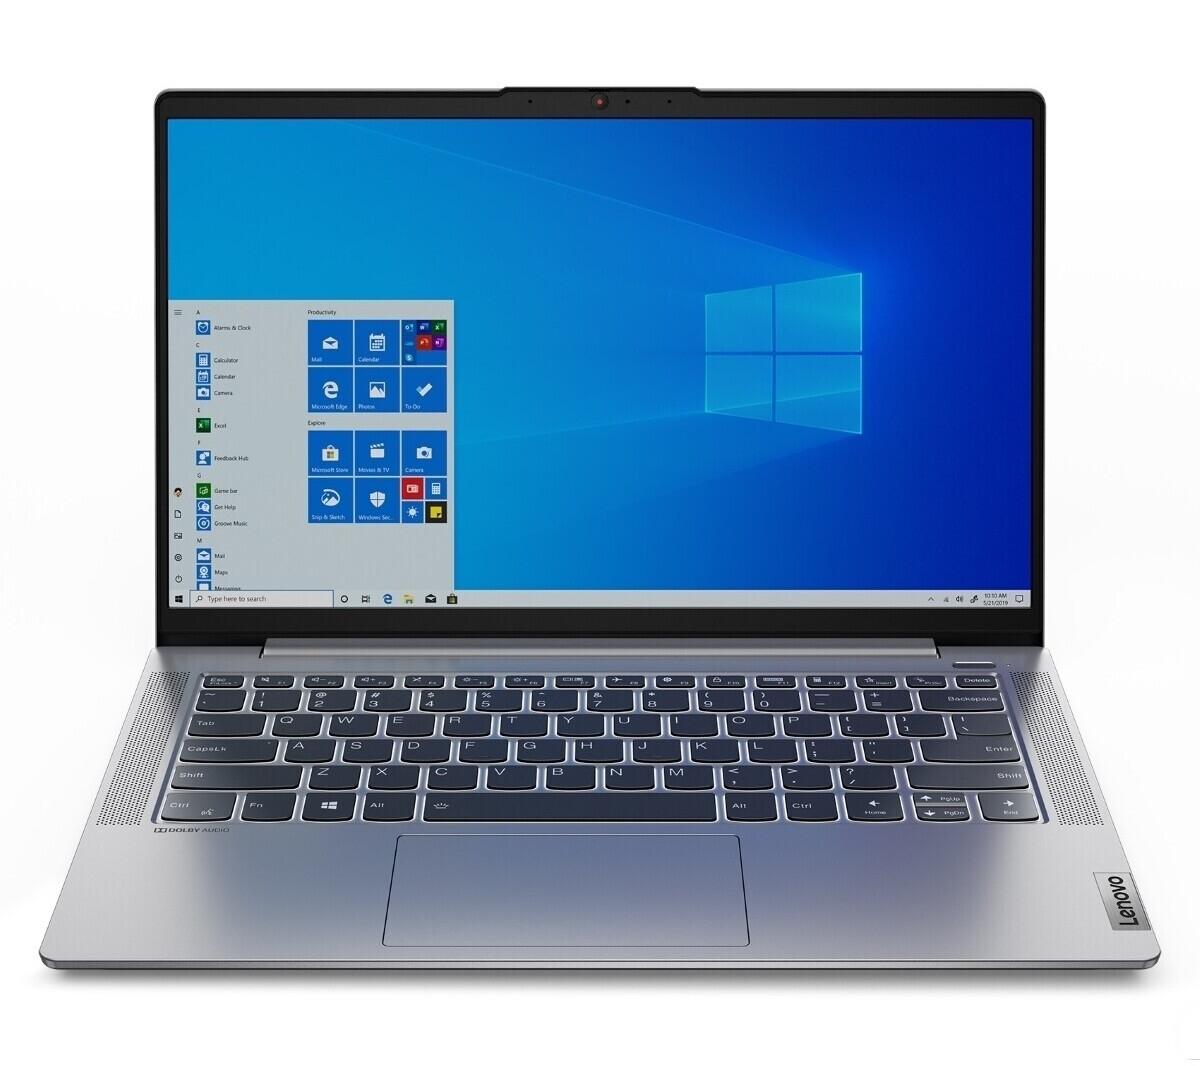 """Lenovo IdeaPad 5 14ALC05 (14"""", FHD, IPS, 300cd/m², Ryzen 5 5500U, 16/512GB, USB-C mit DP & PD, HDMI 1.4, SD, 56.5Wh, Win10, 1.38kg)"""